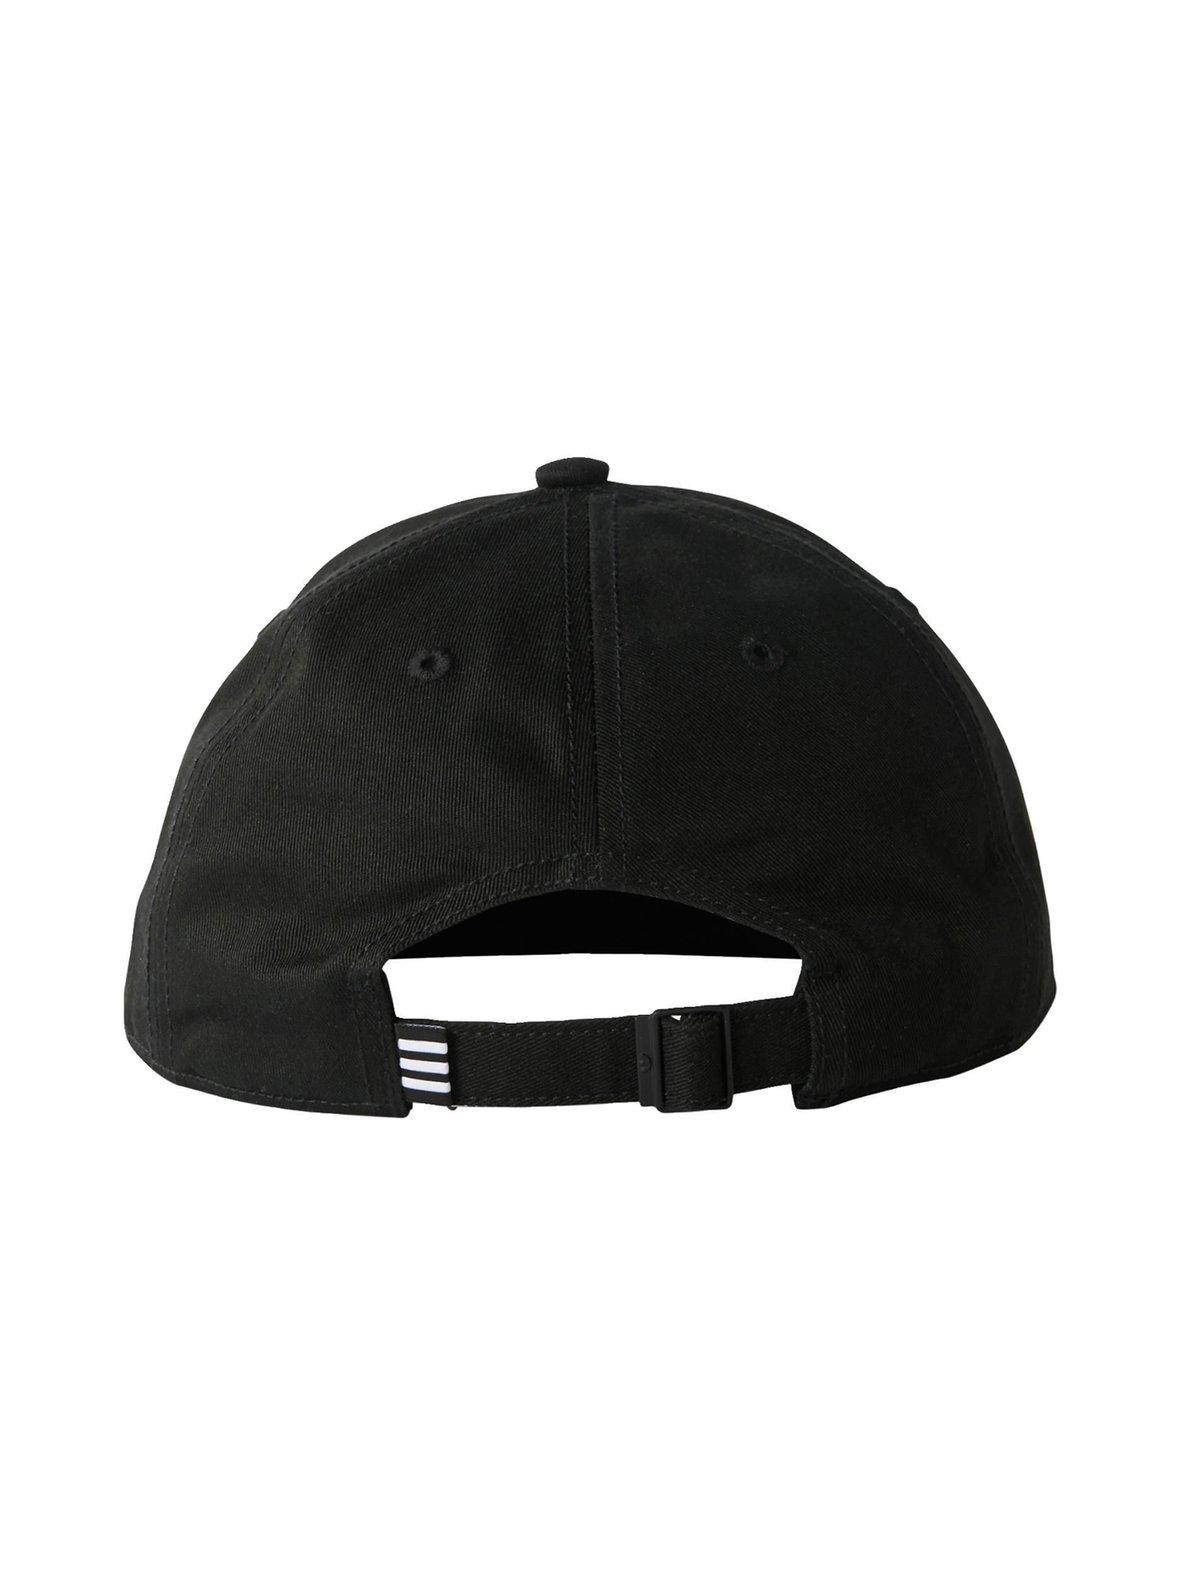 Musta Adidas Originals Trefoil Classic Cap -lippalakki BK7277  c35e64df98